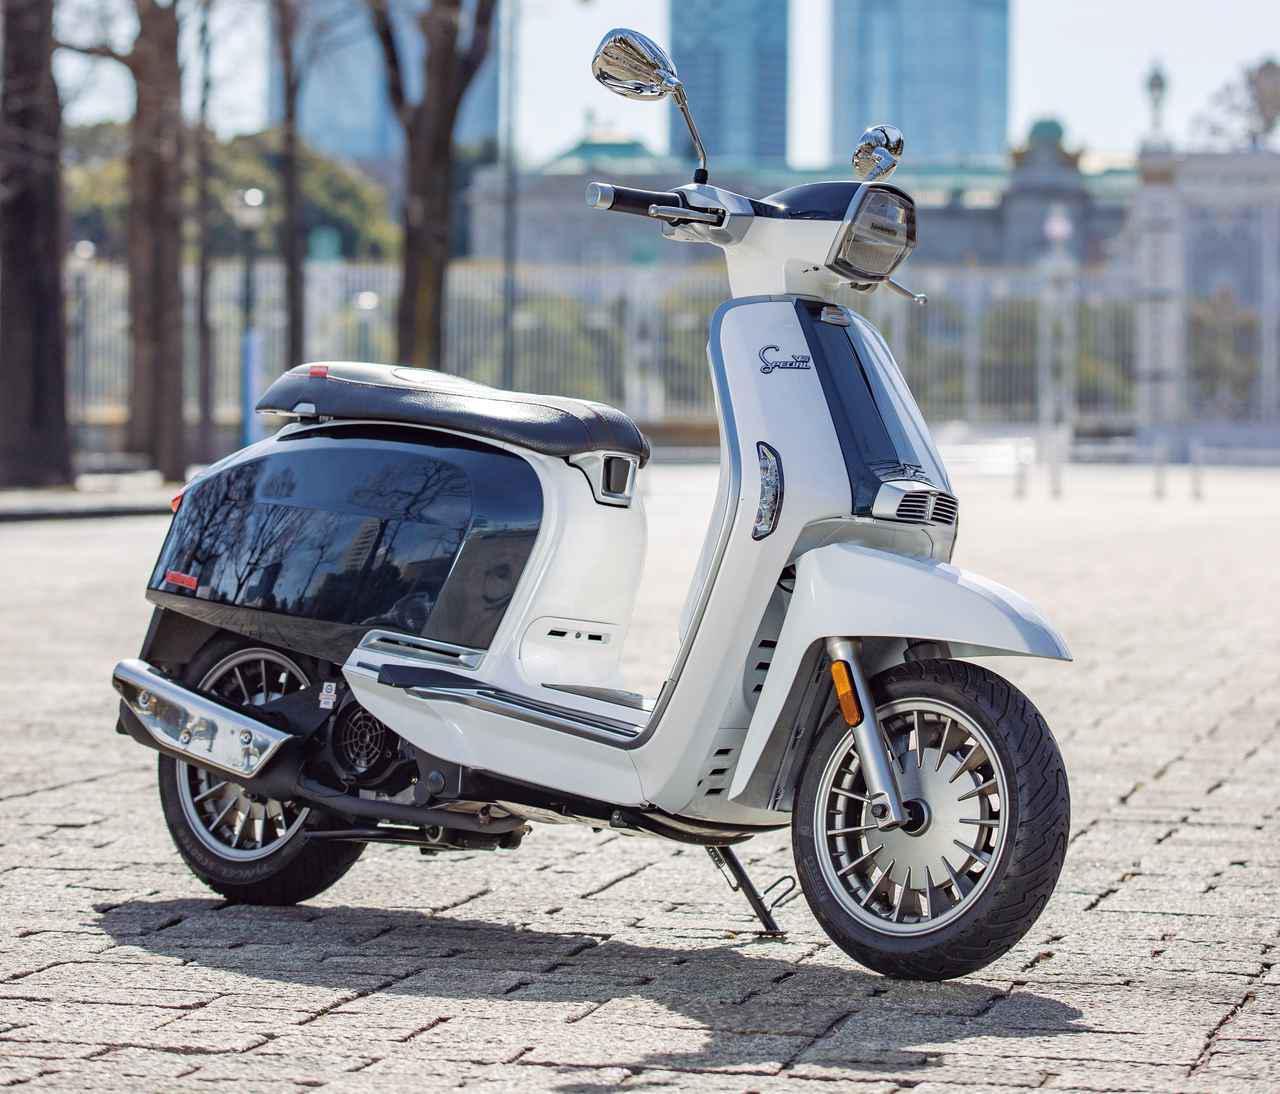 画像: 【写真14枚】ランブレッタ「V125 SPECIAL FIX/FLEX」 - webオートバイ